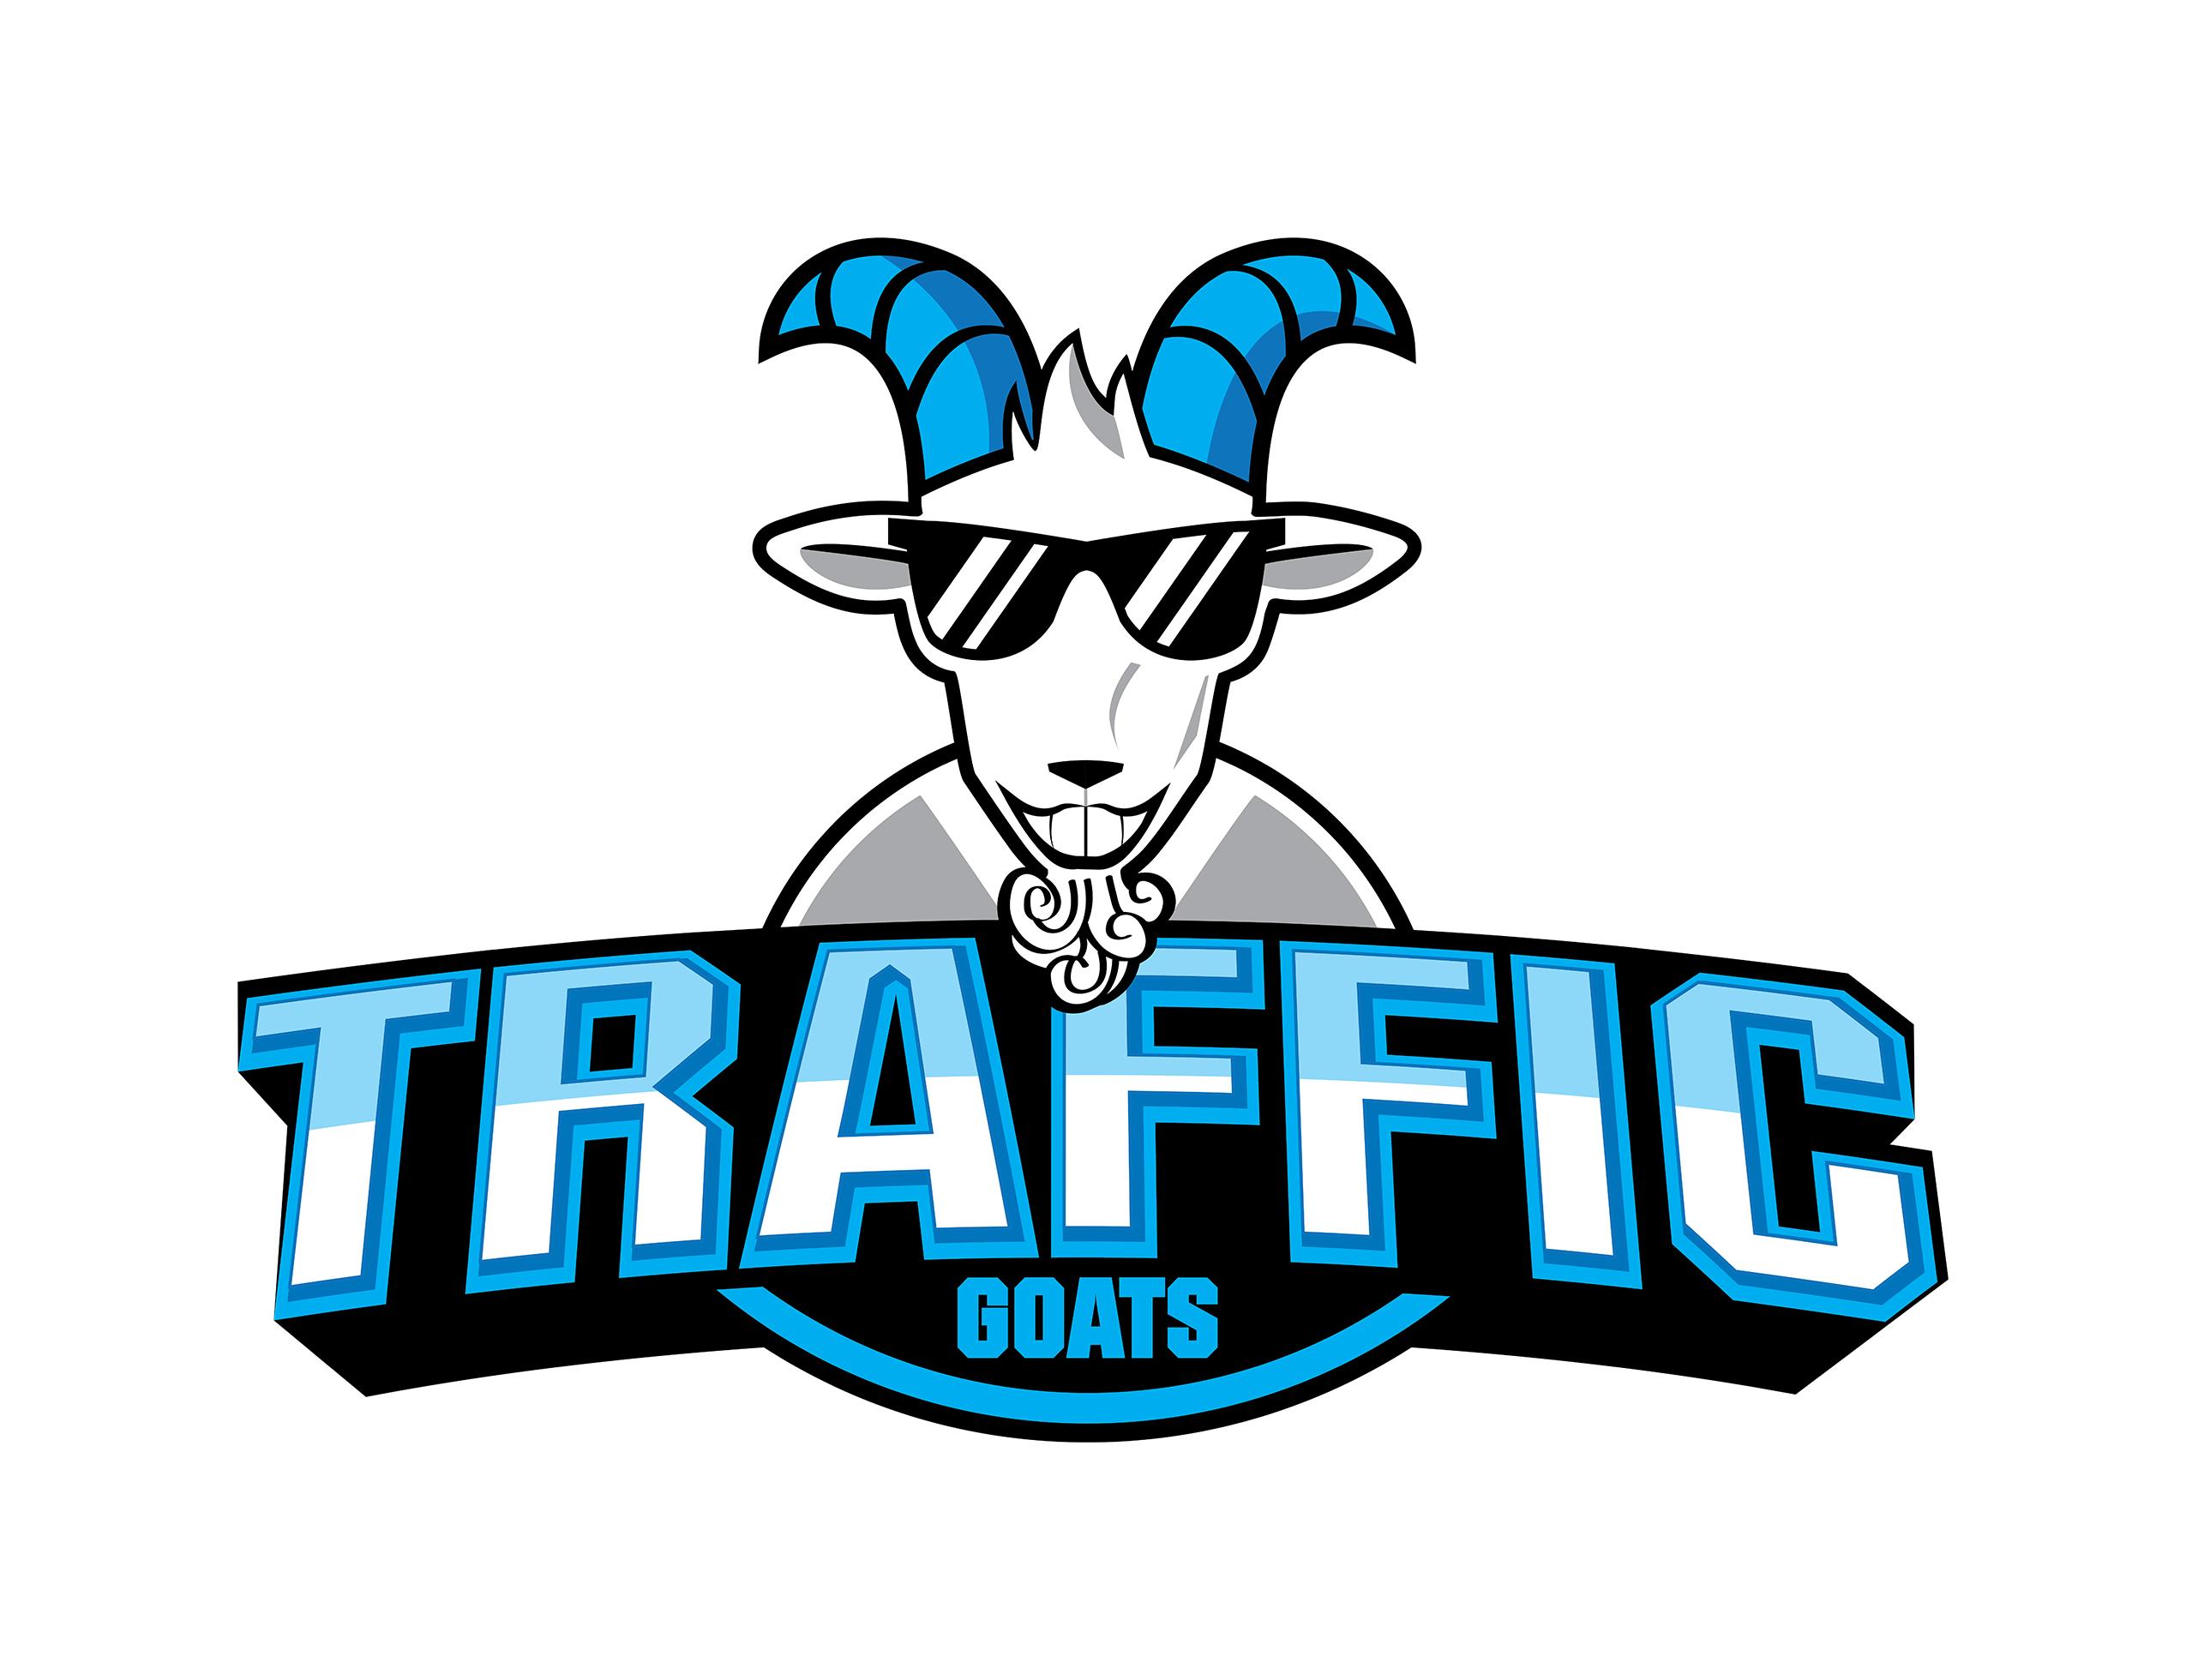 Traffic Goats Fantastic Imago разработка логотипа цена, создать логотип, разработать логотип, разработка логотипа компании, создание фирменного логотипа